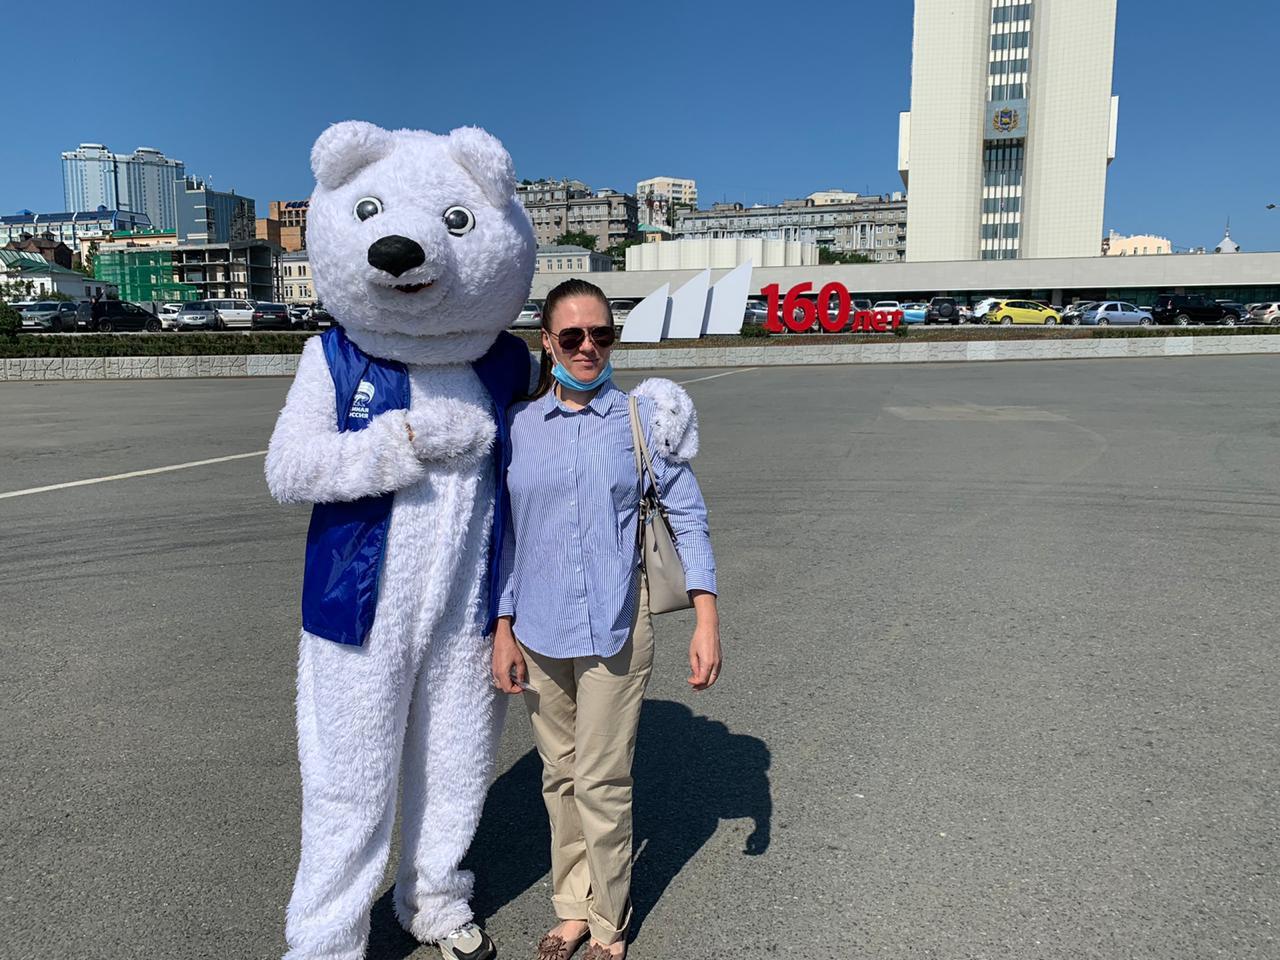 Партийный маскот поздравил жителей и гостей Владивостока с юбилеем столицы Приморья